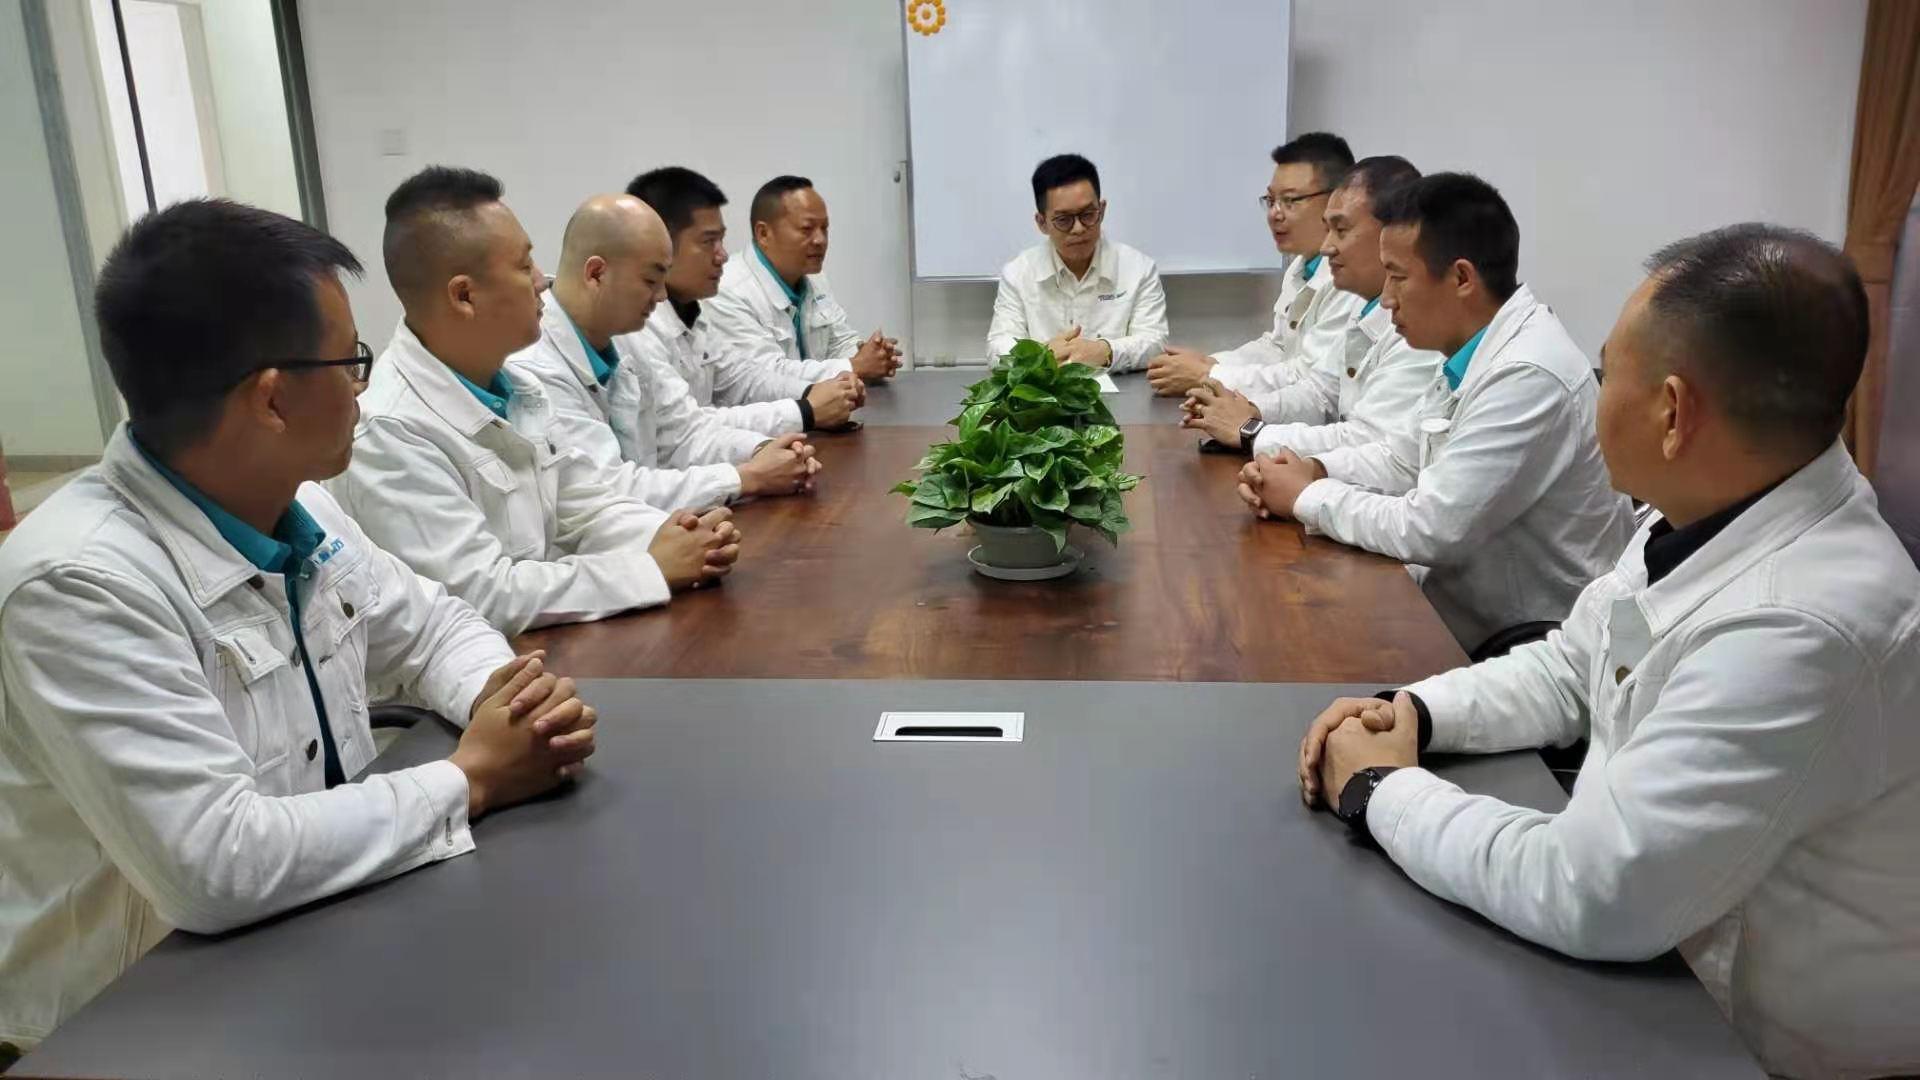 润东方总部领导相约盛竞博jbo首页,相约武大樱花3